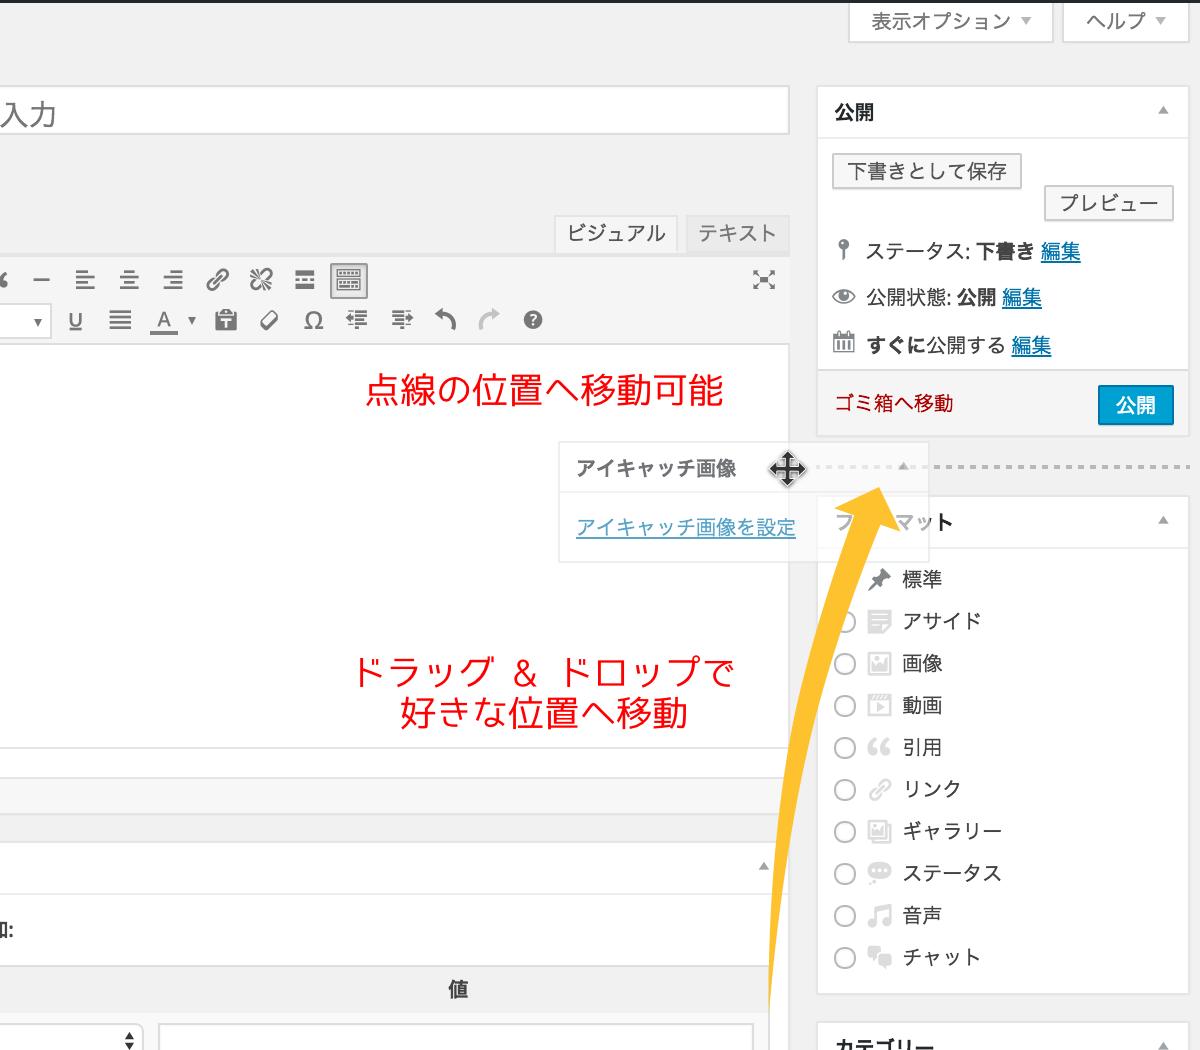 投稿画面のウィジェットを移動